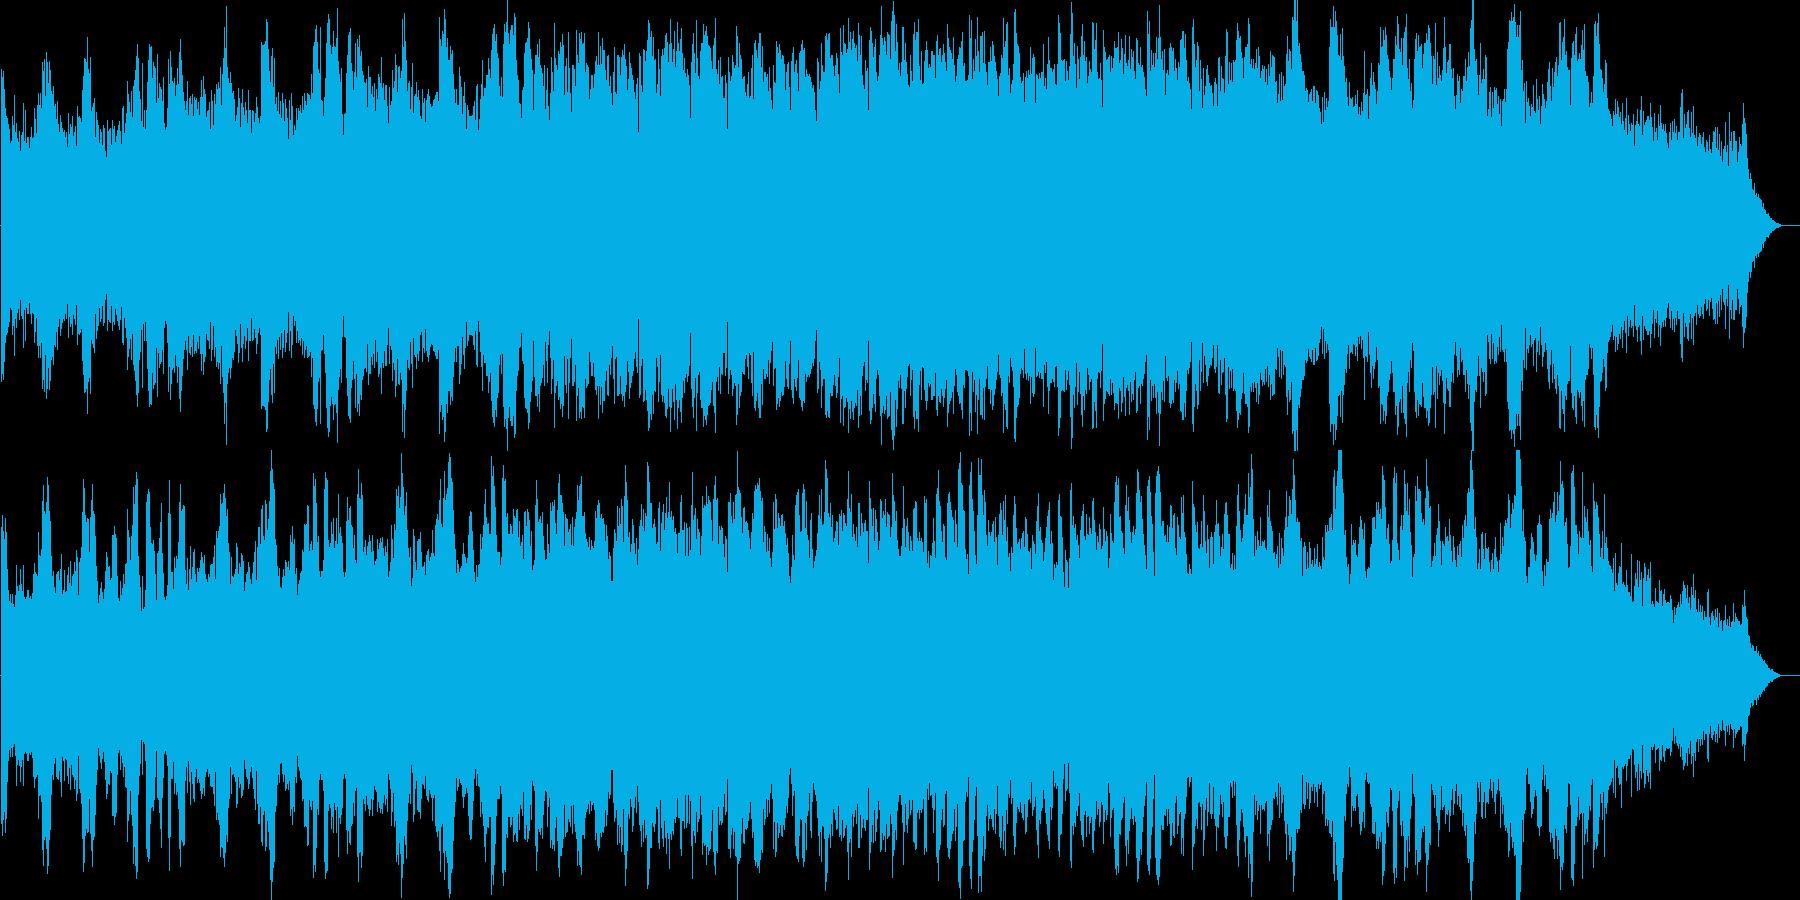 ストリングス主体の暗く悲しいBGMの再生済みの波形